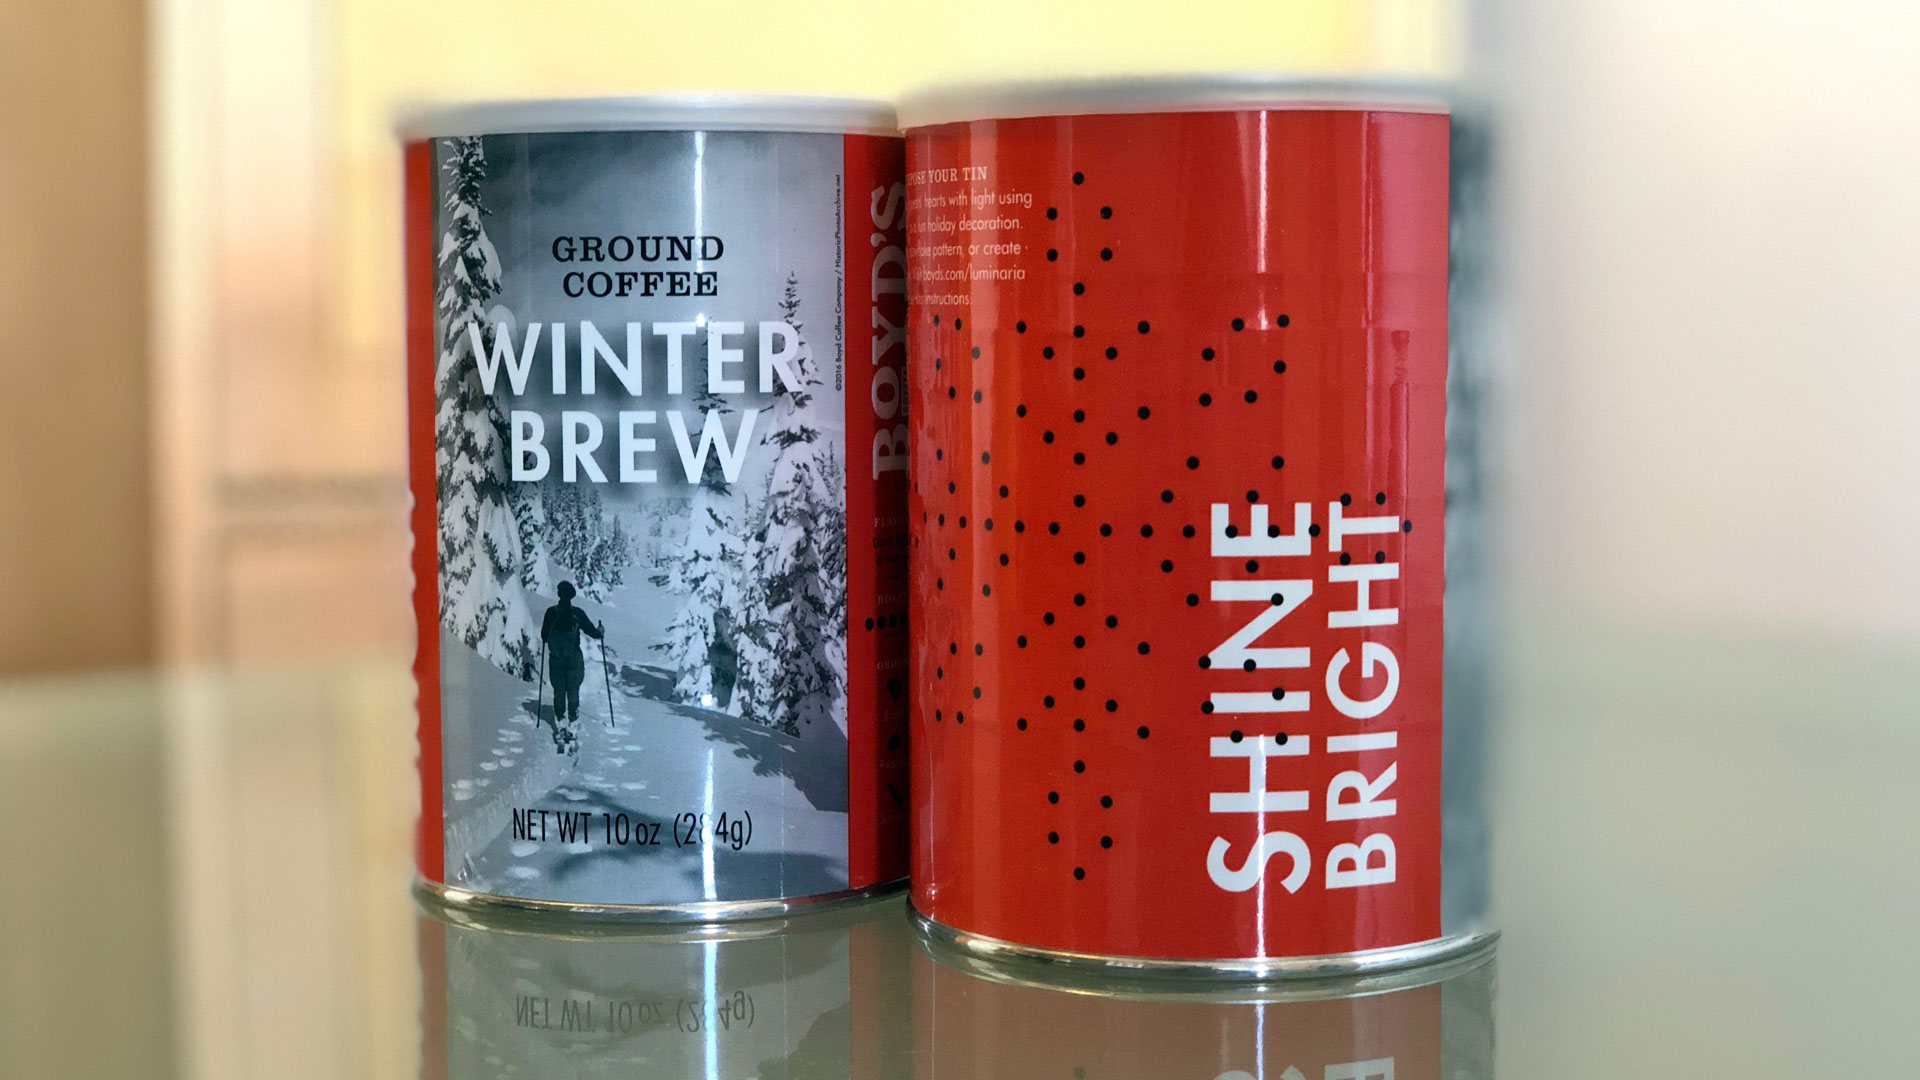 Boyd's Winter Brew Packaging